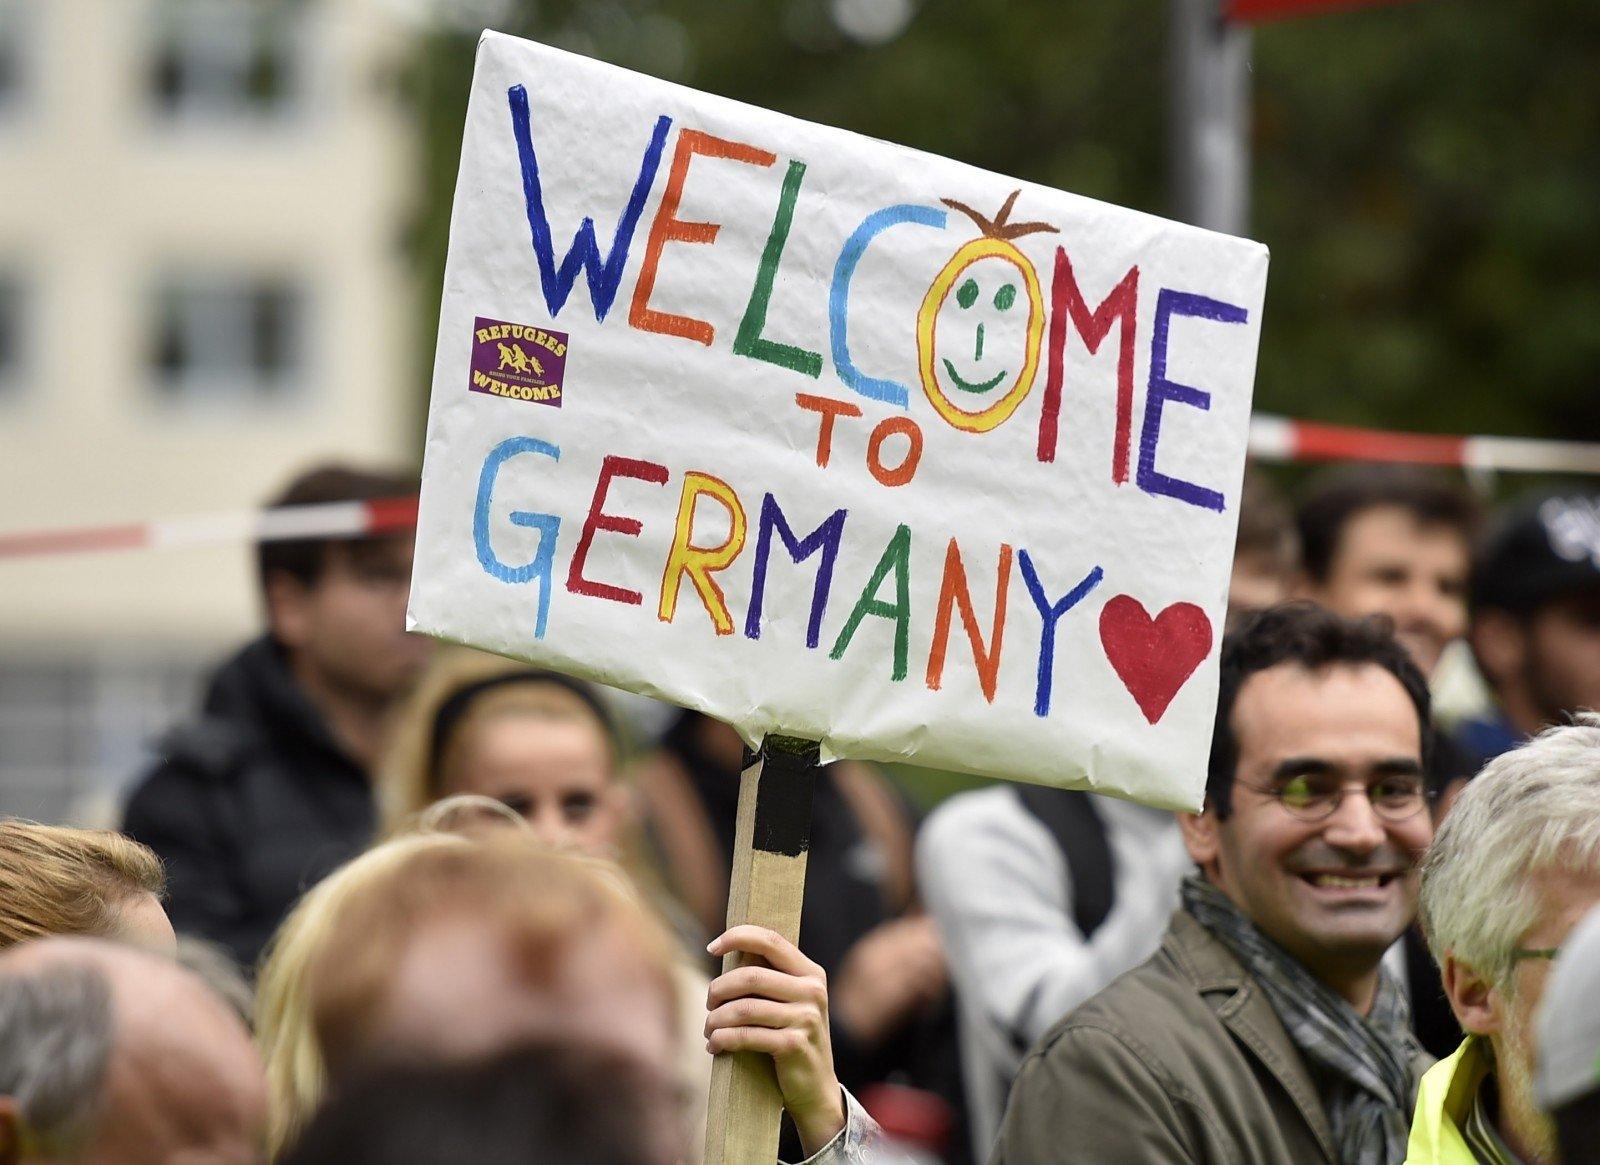 Отношение к эмигрантам в Германии